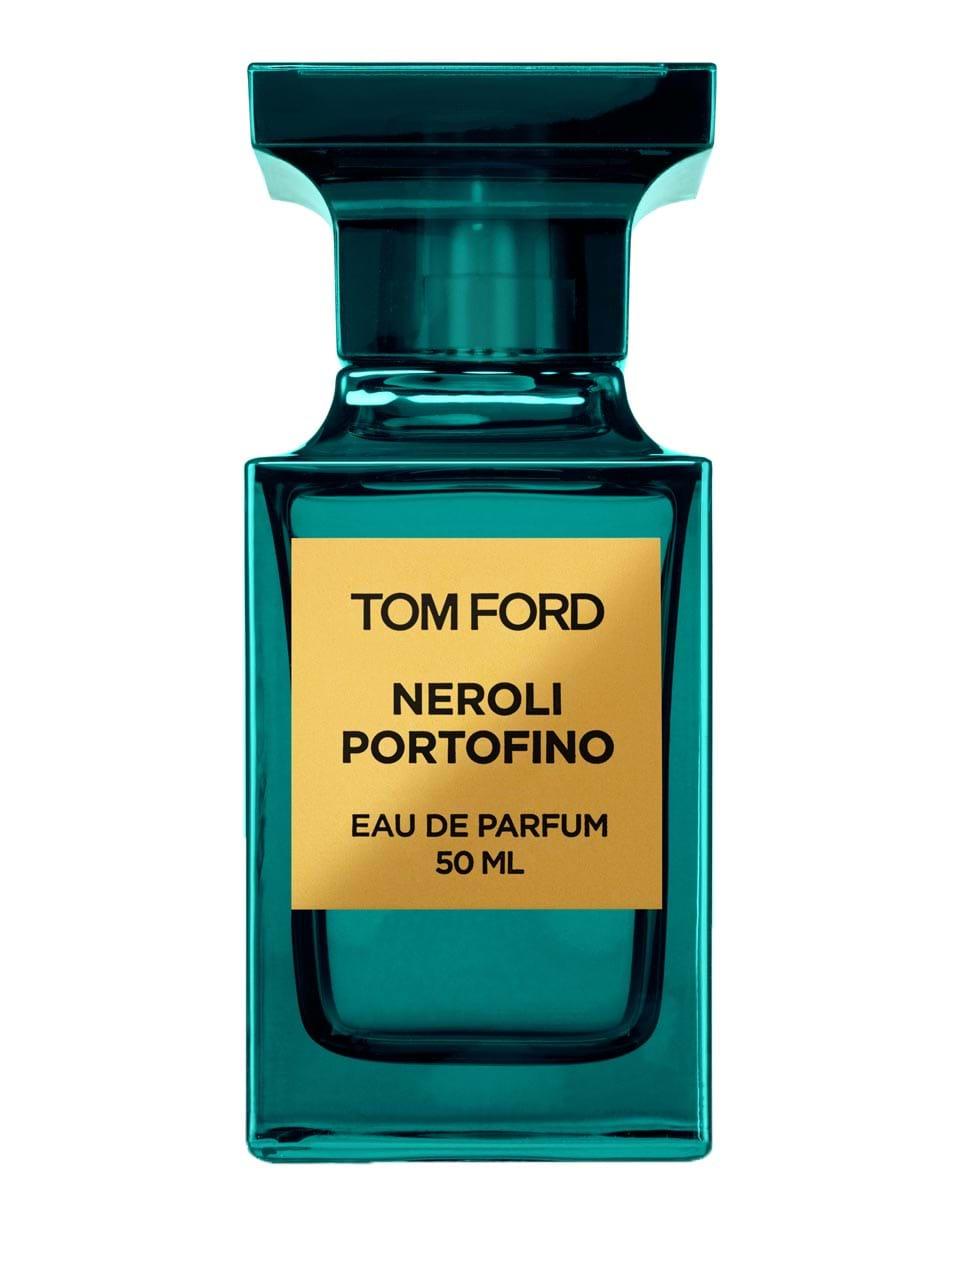 Tom Portofino Parfum 50 Ml Ford Eau Neroli De qpGUMSzV